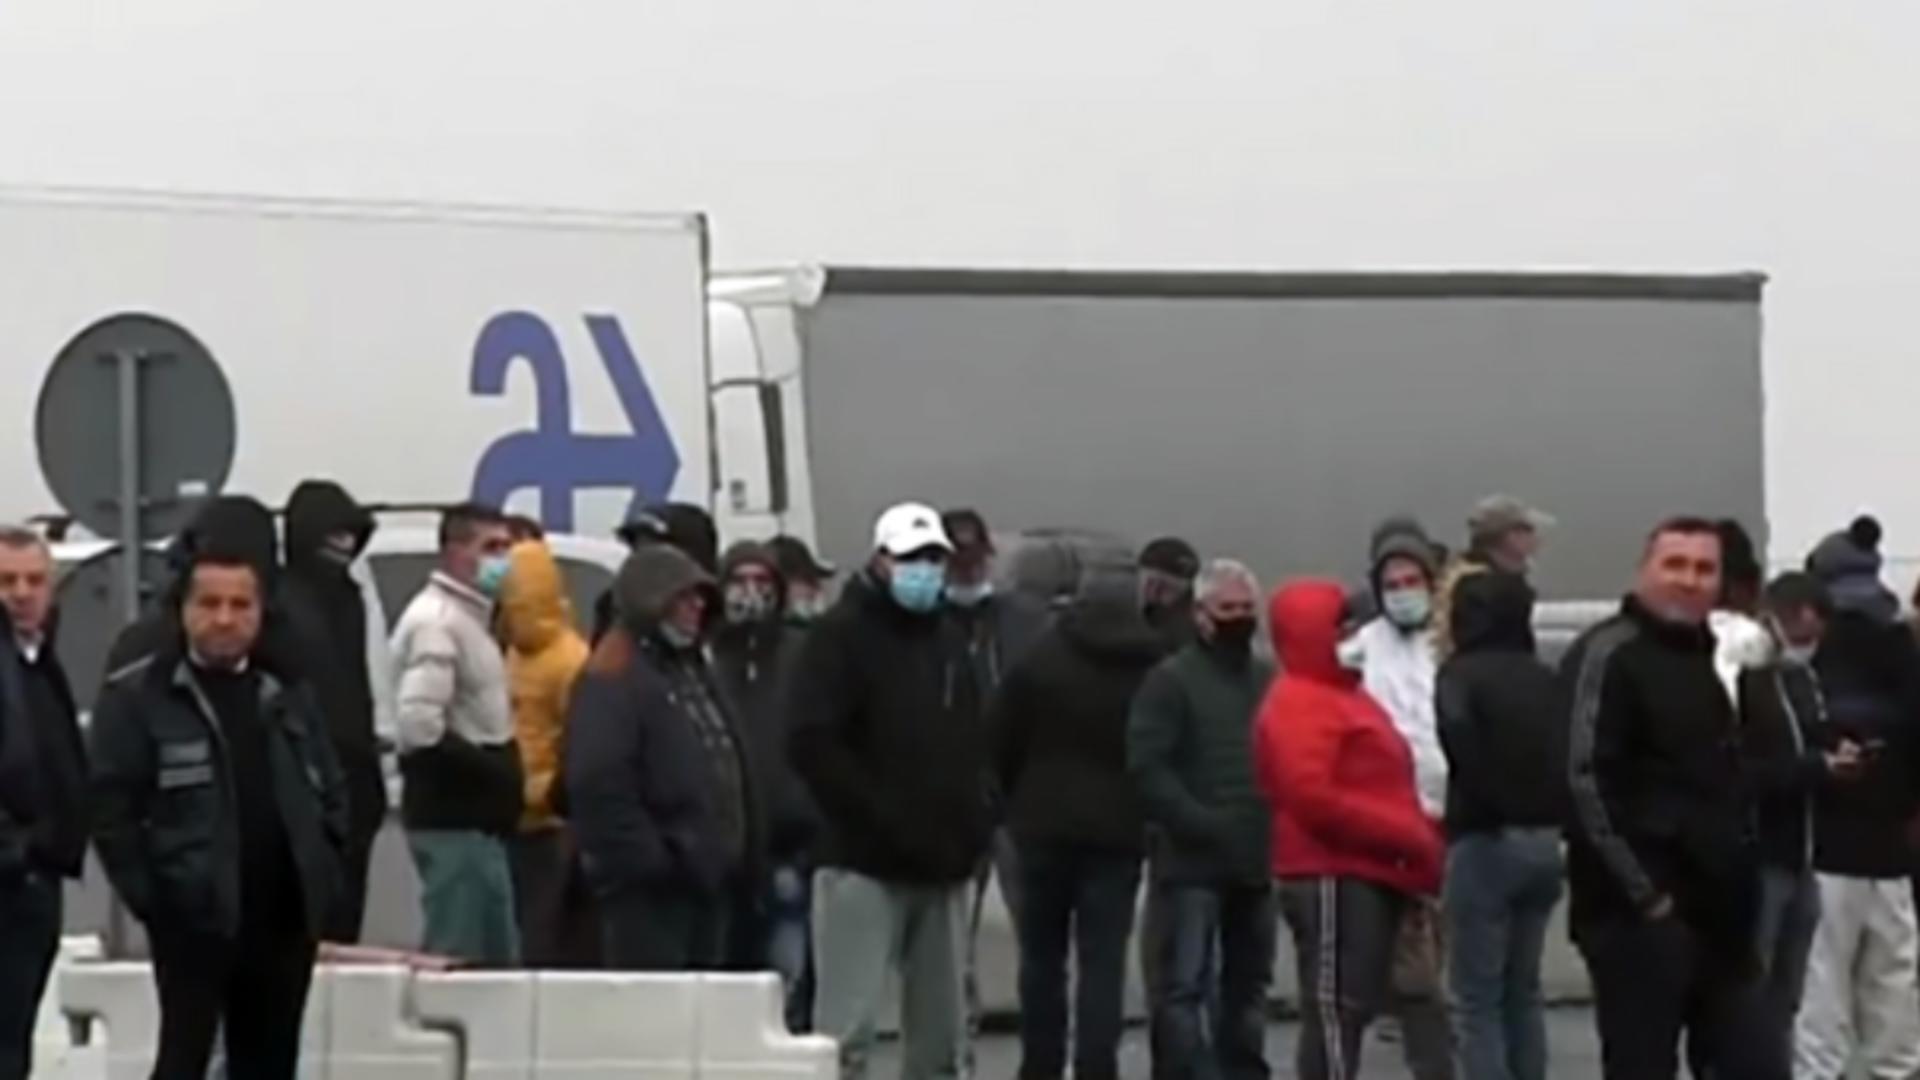 Pasagerii din trei autocare au încercat să intre în ţară cu hârtii false